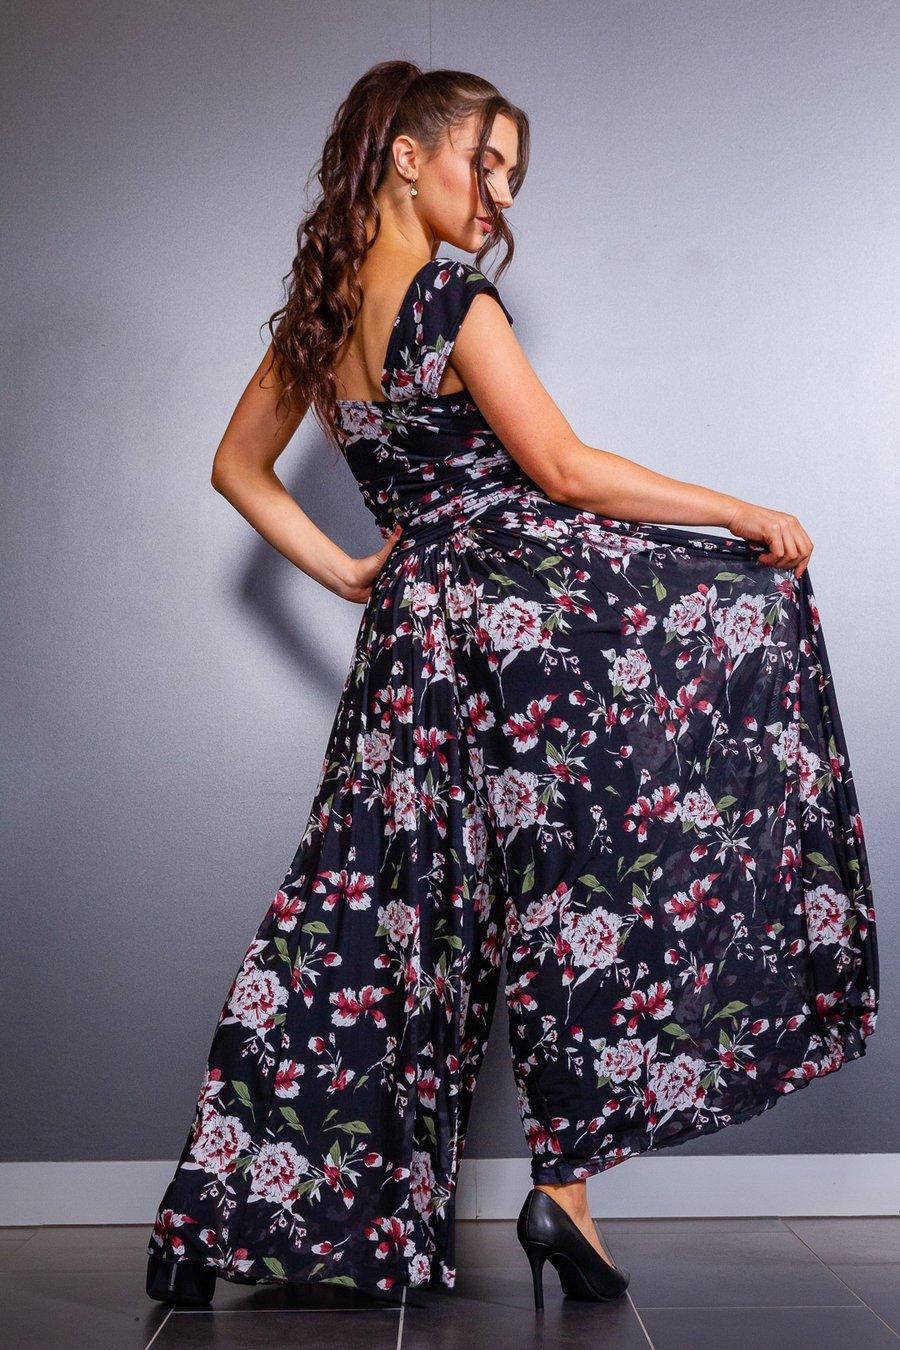 Image of Envy Pants (B7173A) Alcea Dancewear latin ballroom